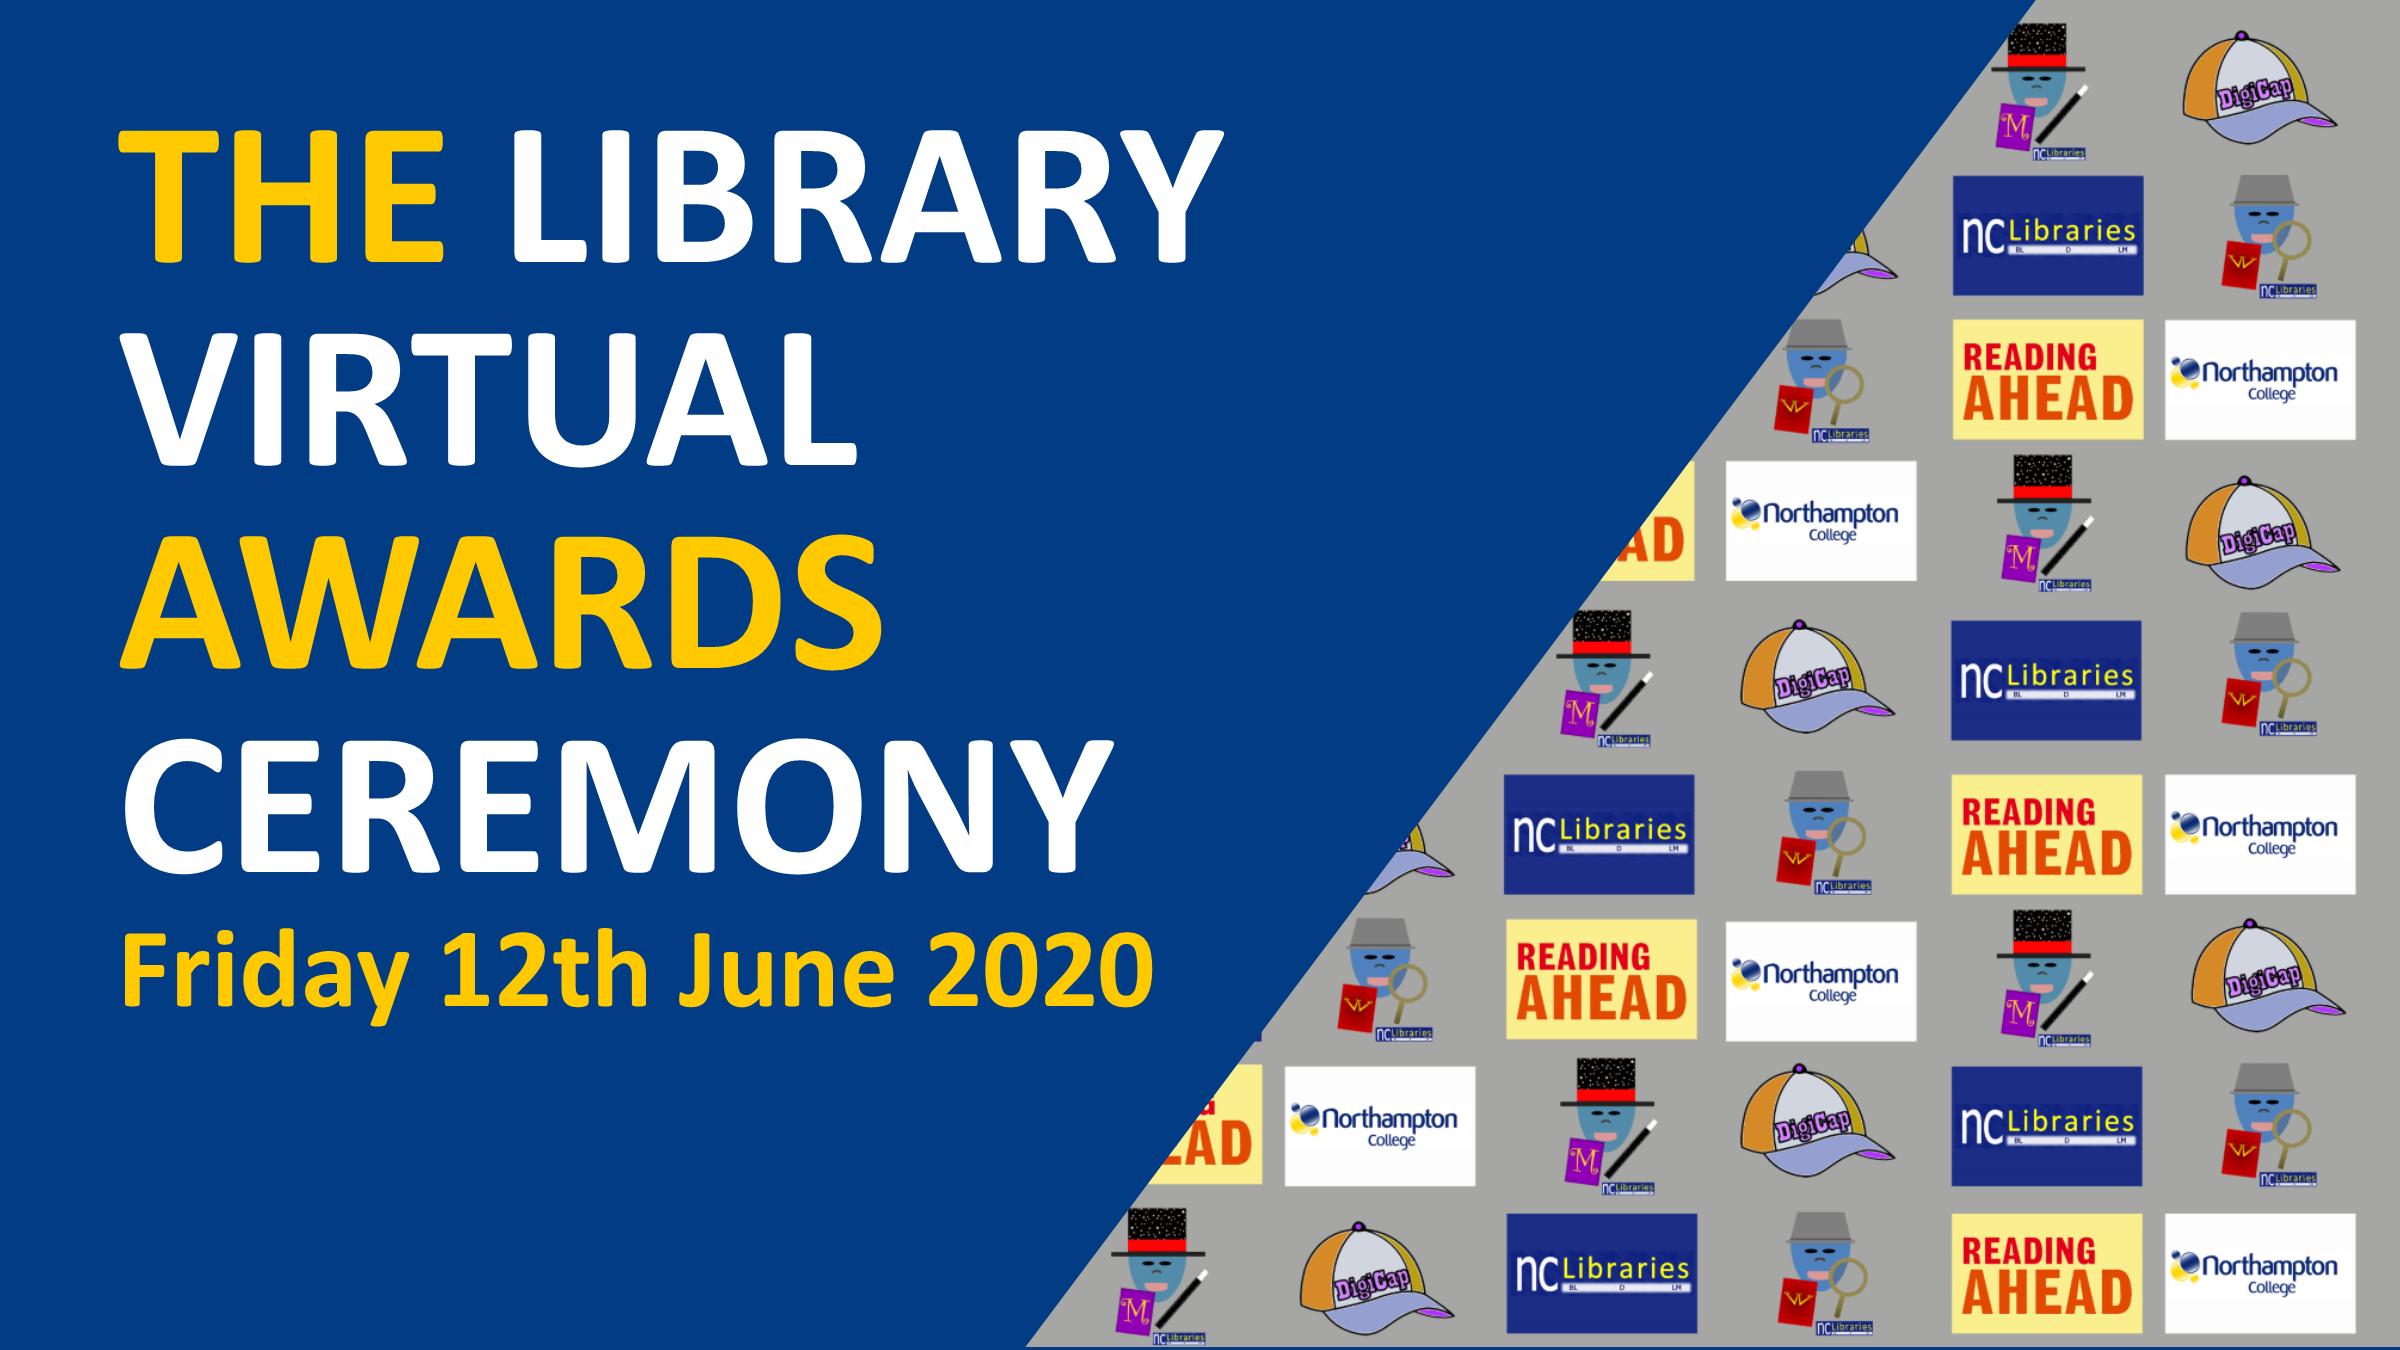 Library Awards Ceremony